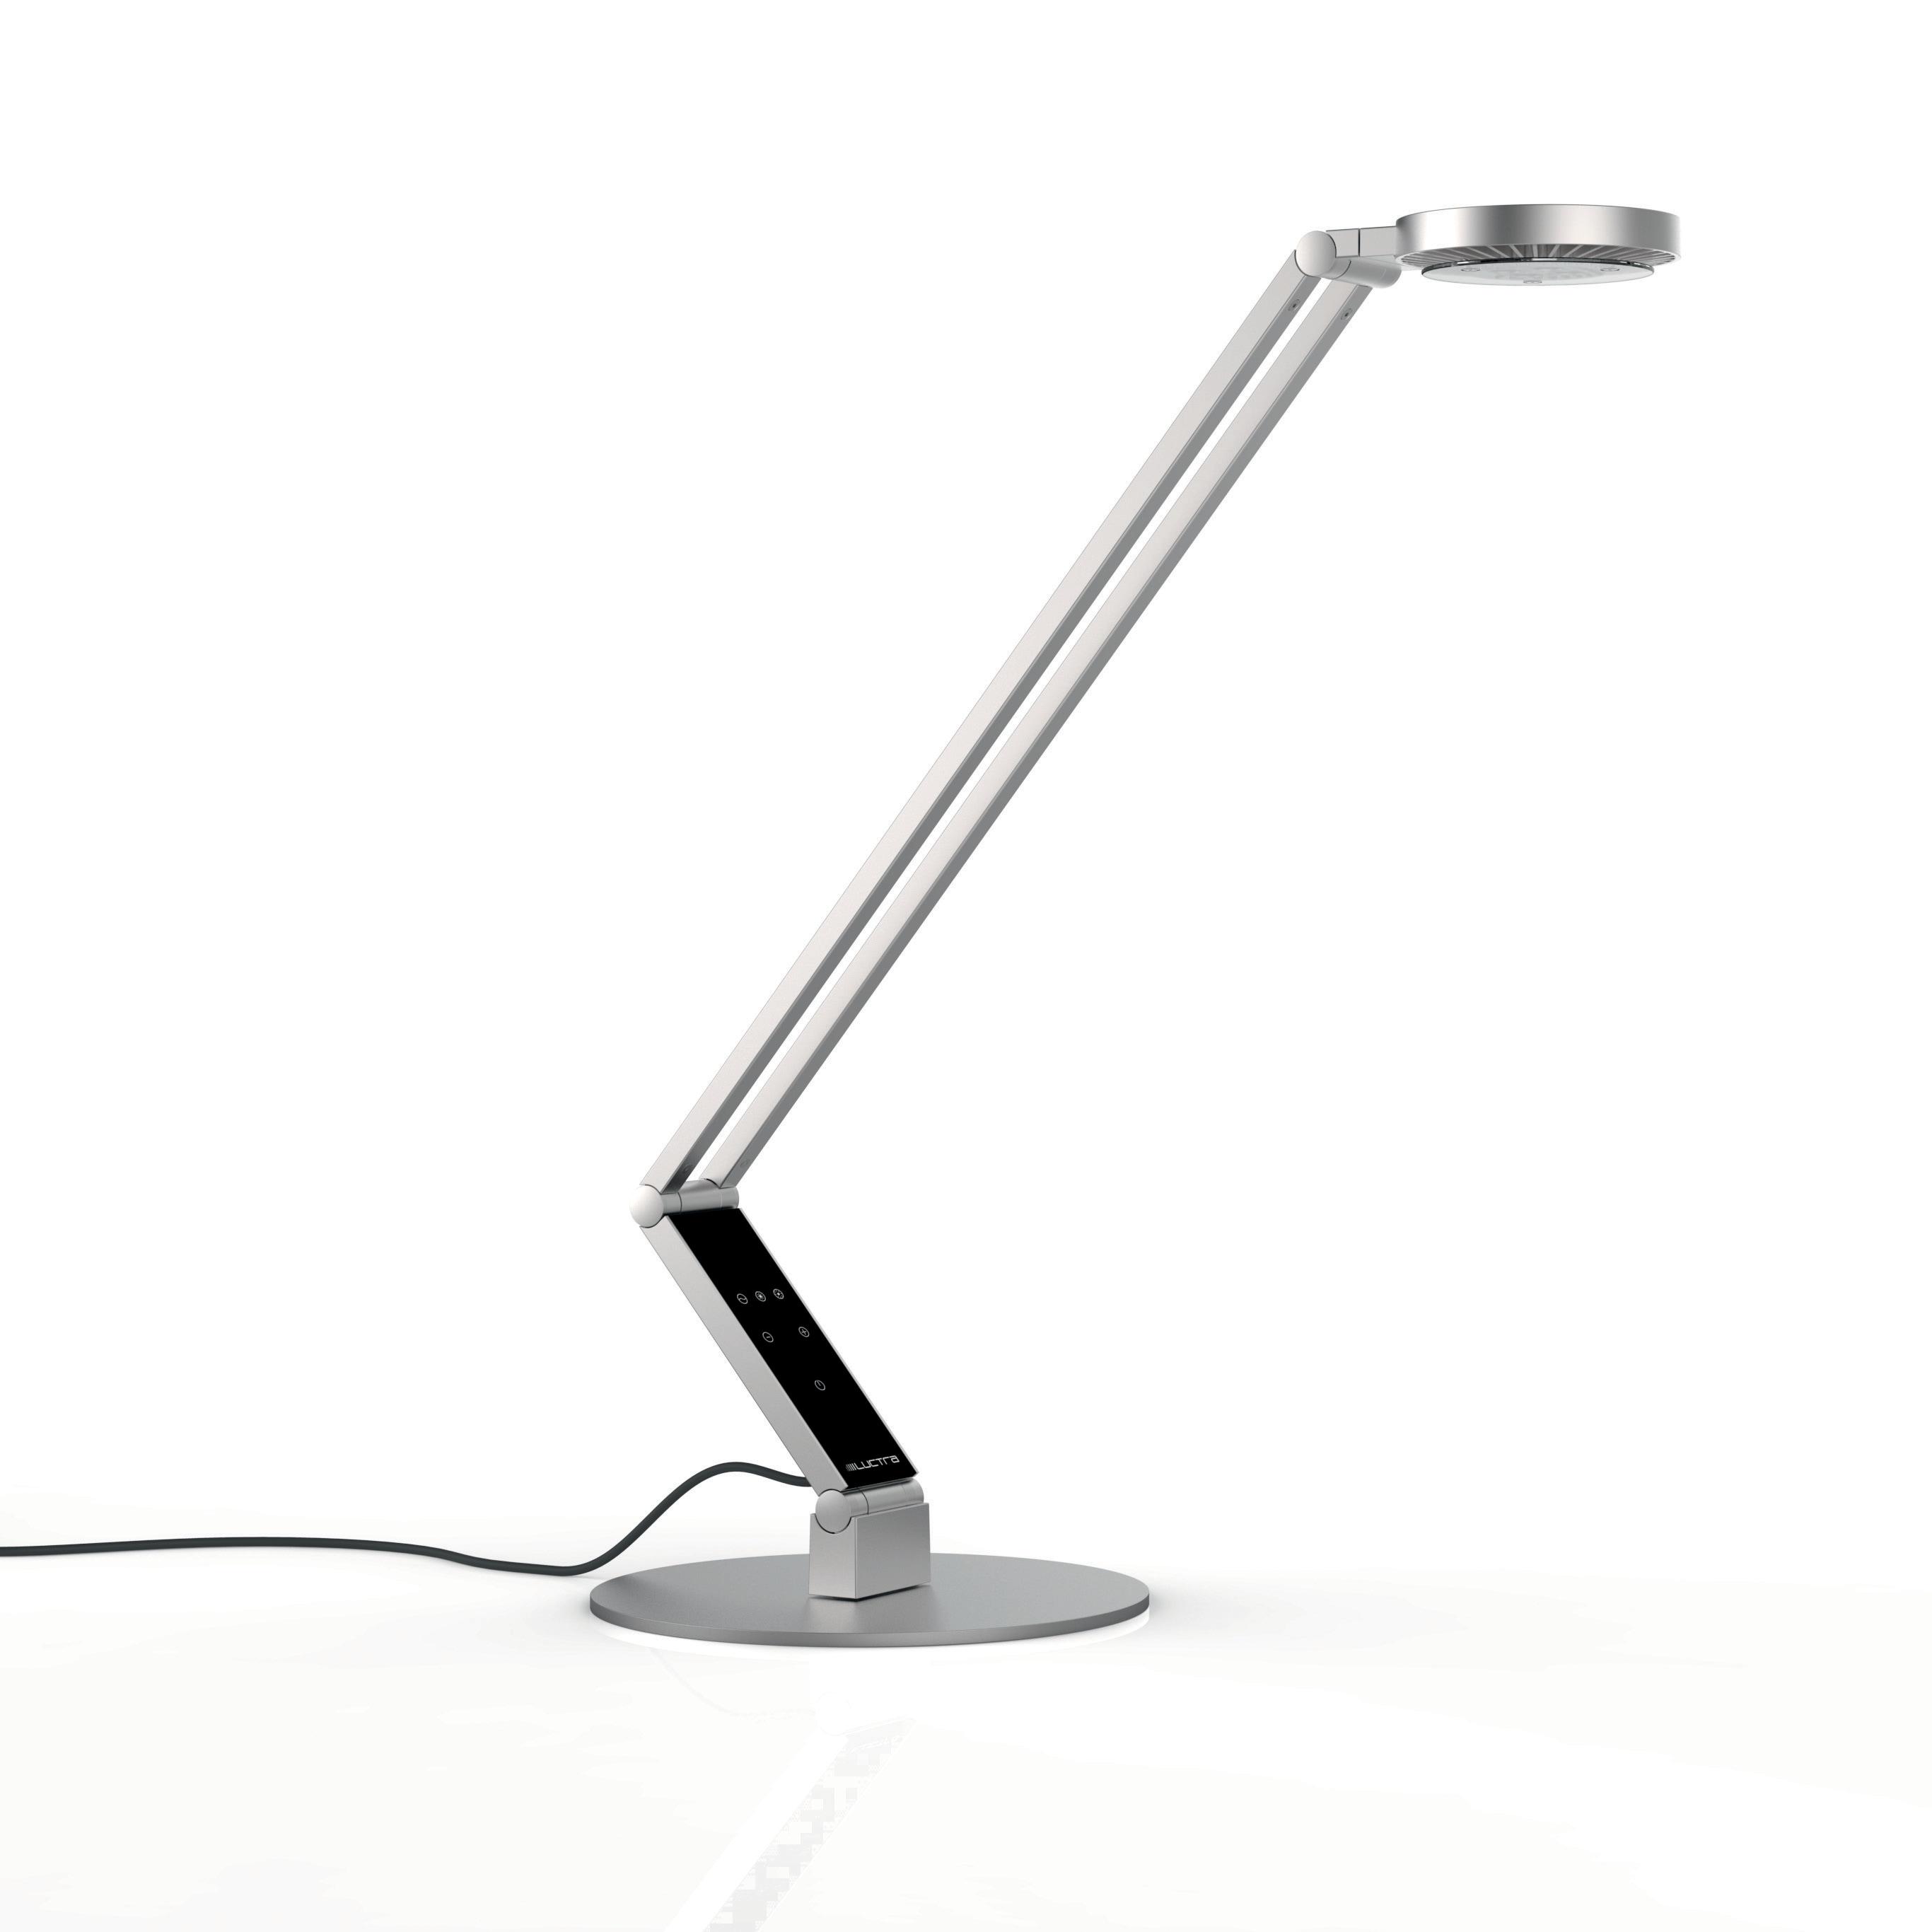 Radial bordslampa aluminium